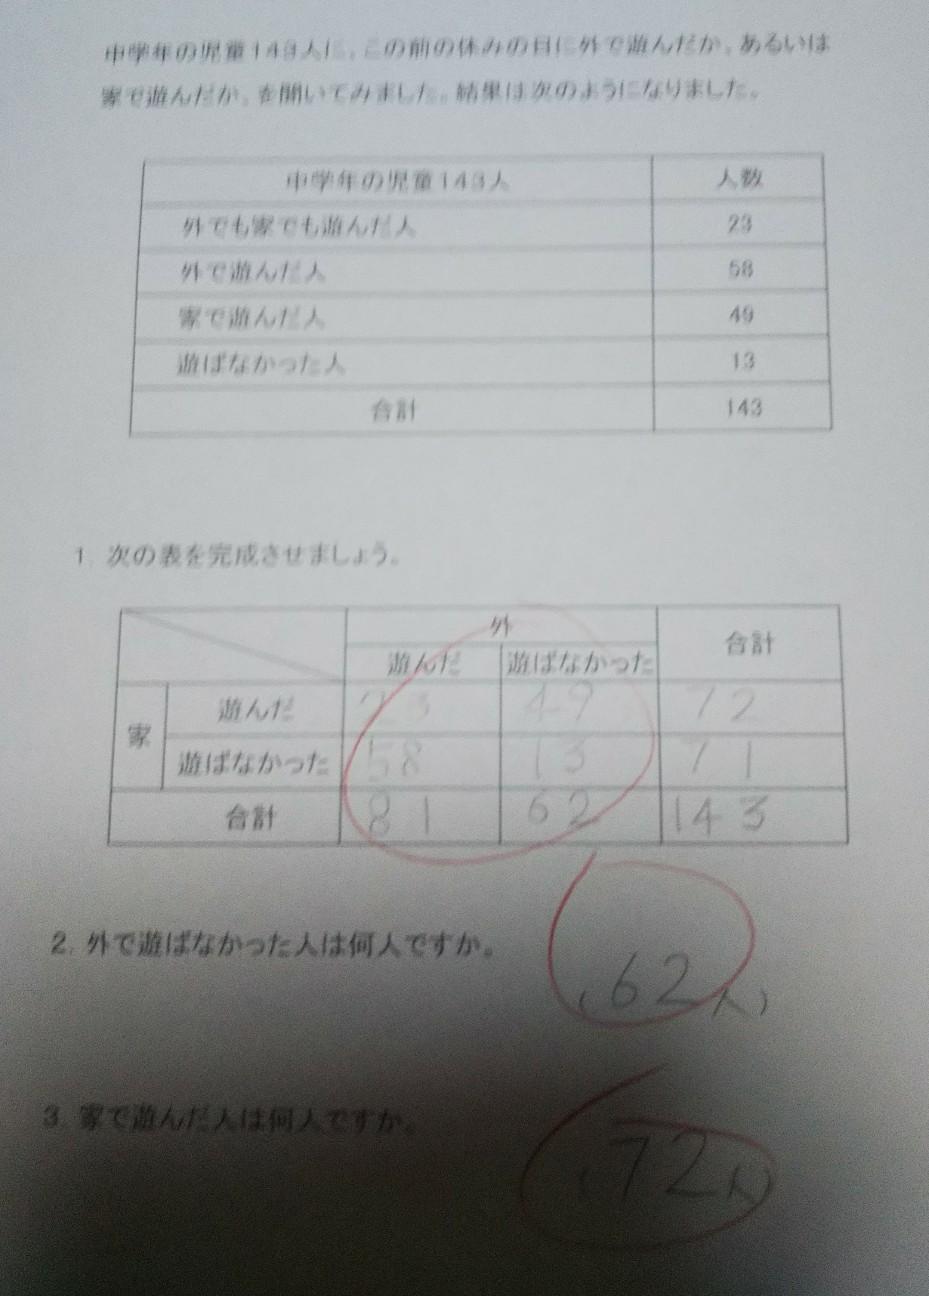 f:id:yujisyuji:20191021153654j:image